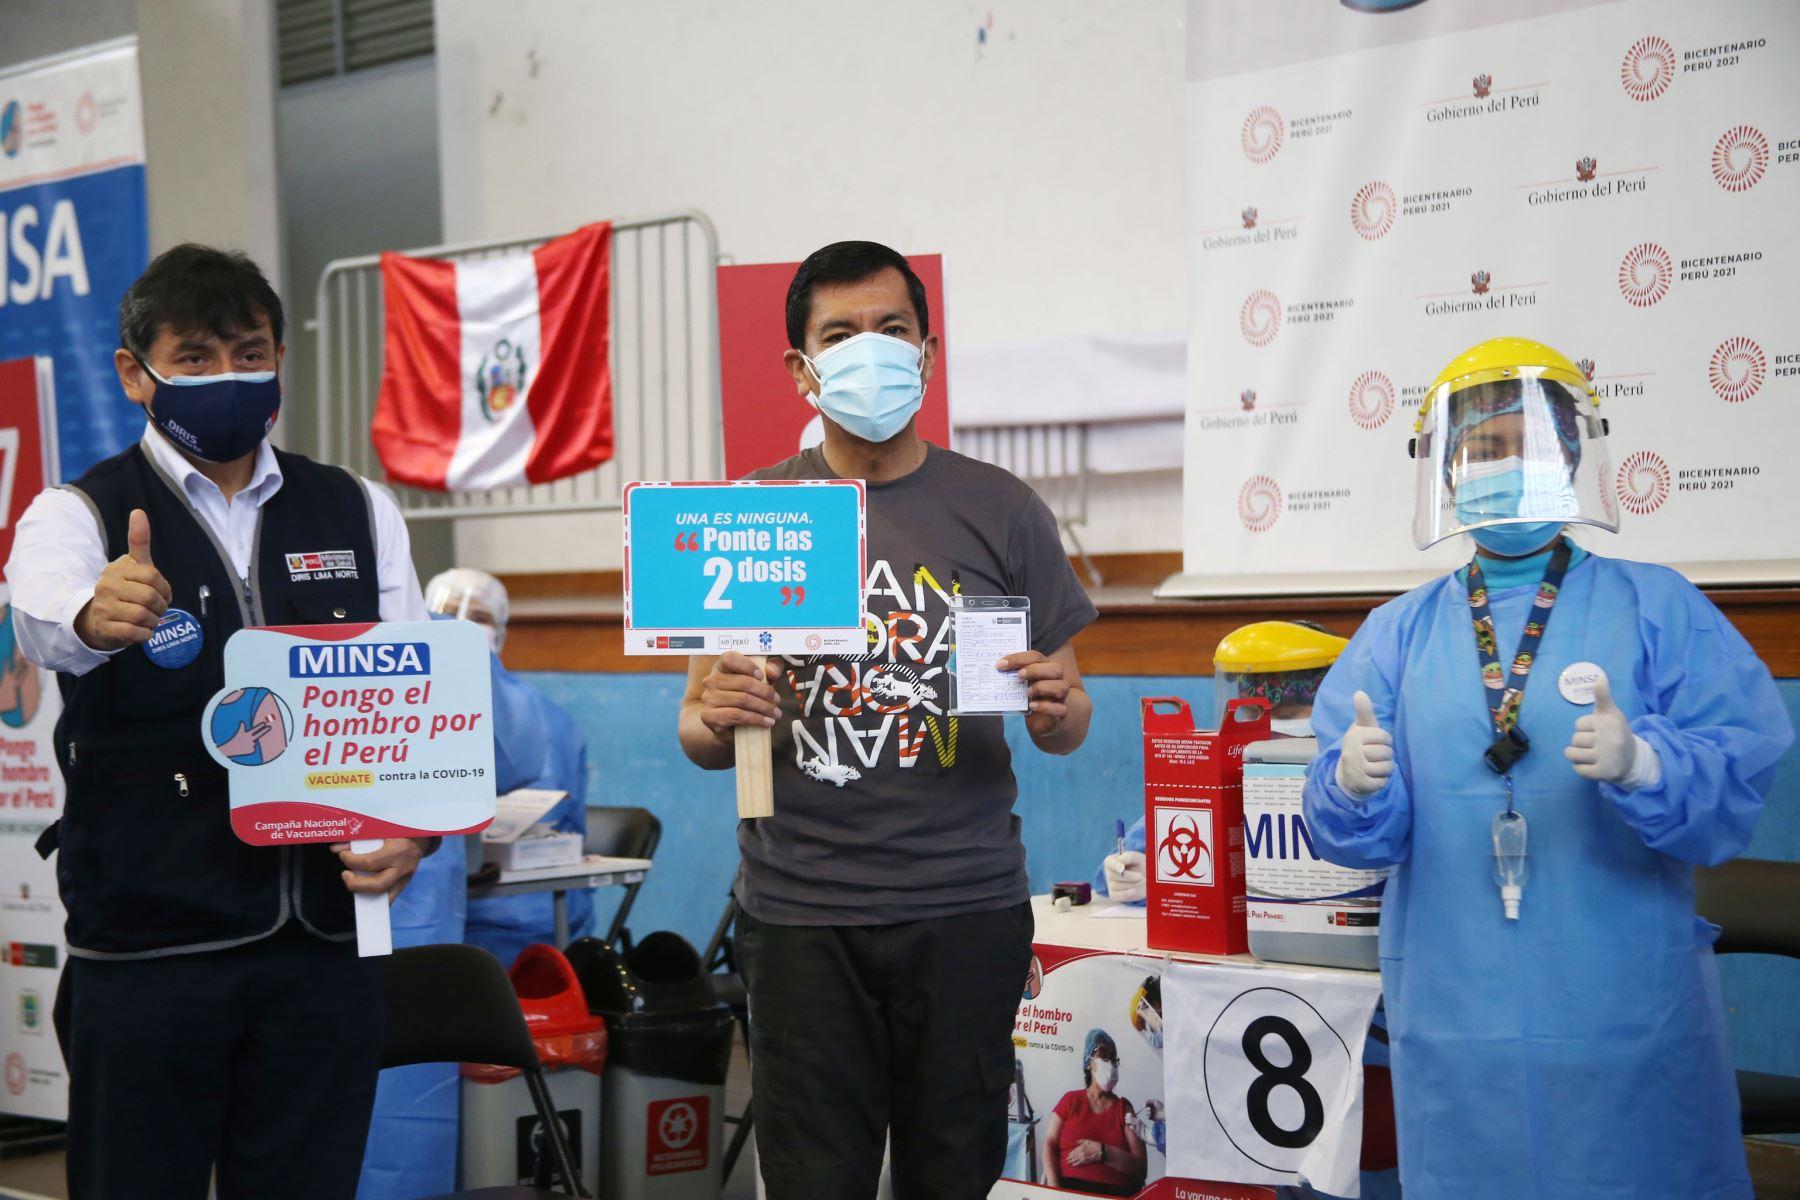 El ministro de Educación, Juan Cadillo, recibió su segunda dosis de la vacuna contra el COVID 19, de acuerdo al cronograma de vacunación, en la IE José Granda del distrito de San Martín de Porres. Foto: MINEDU